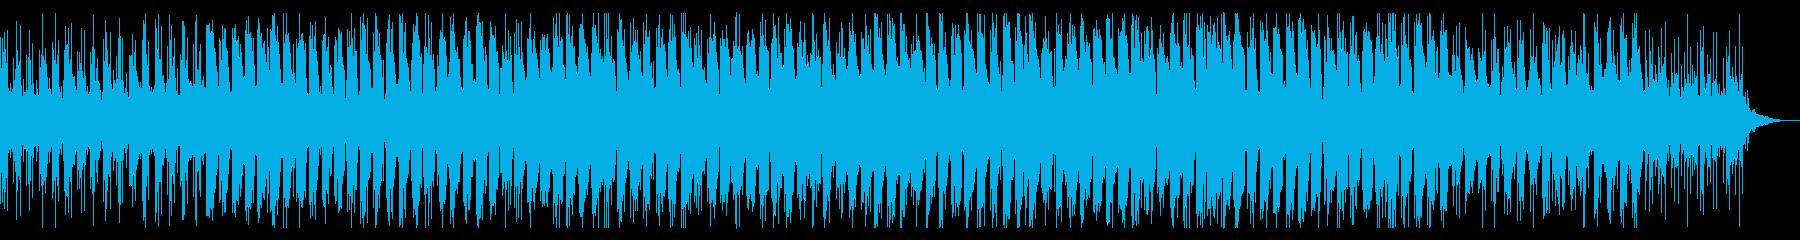 深夜のドライブ、夜間飛行で流れるBGMの再生済みの波形